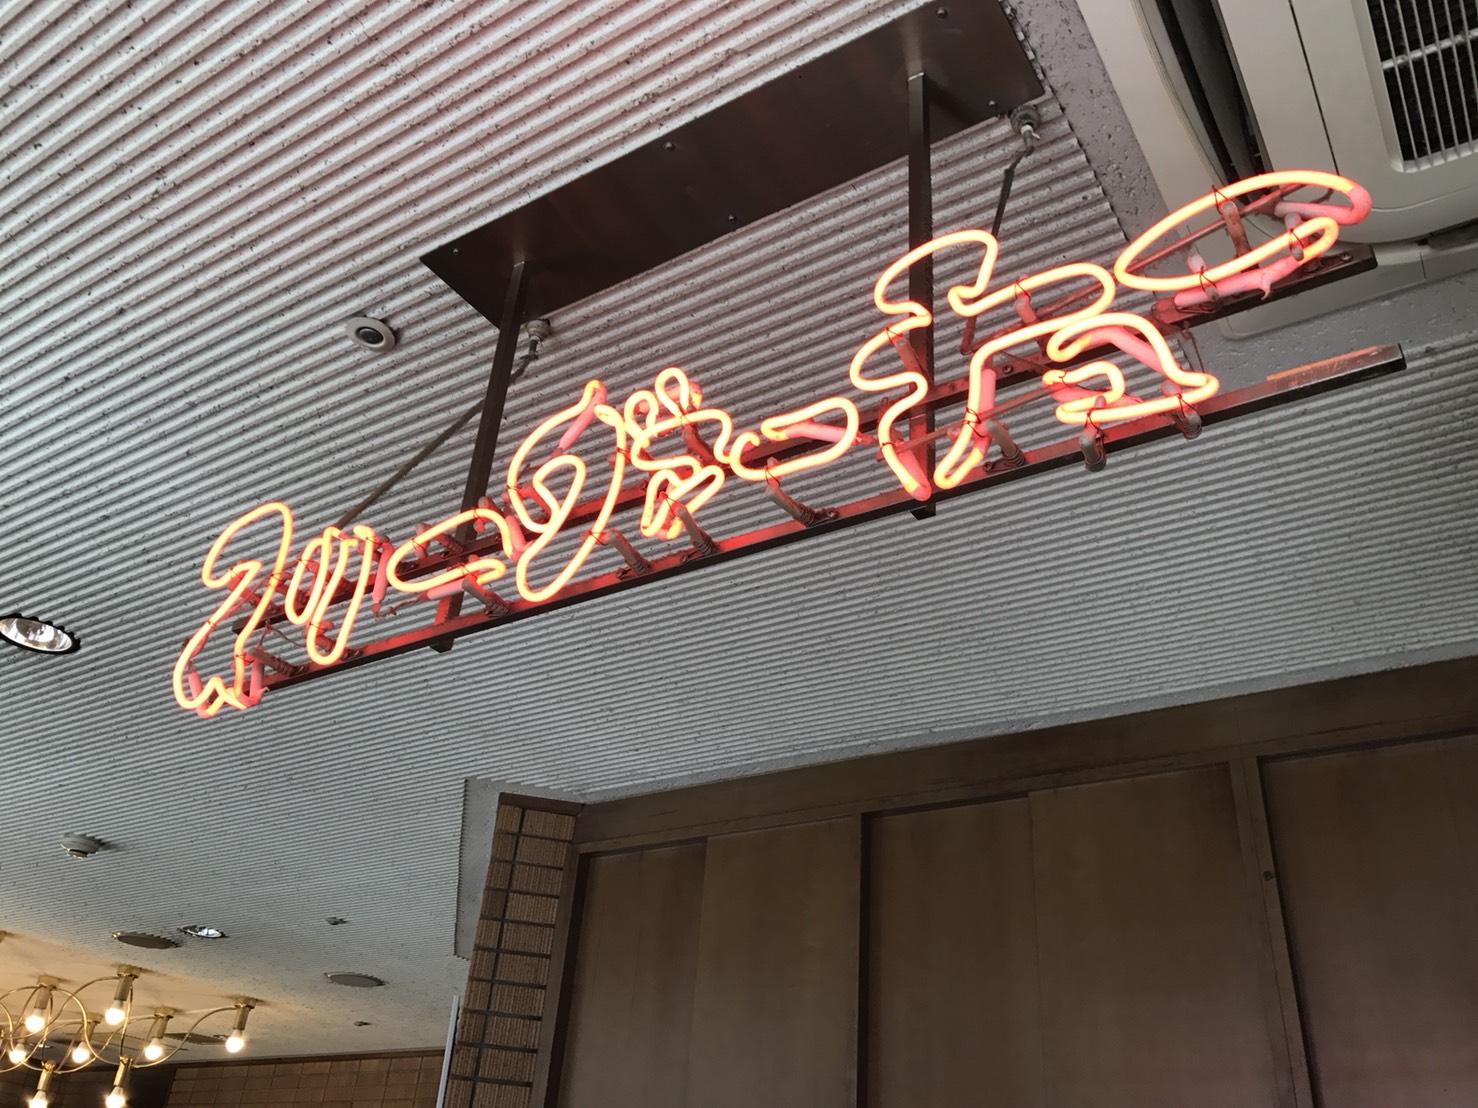 松山大街道入り口すぐ!「スリーヴァーチュー」の「からあげ」を口の中に入れたら肉汁・旨汁がすごいことになる件。